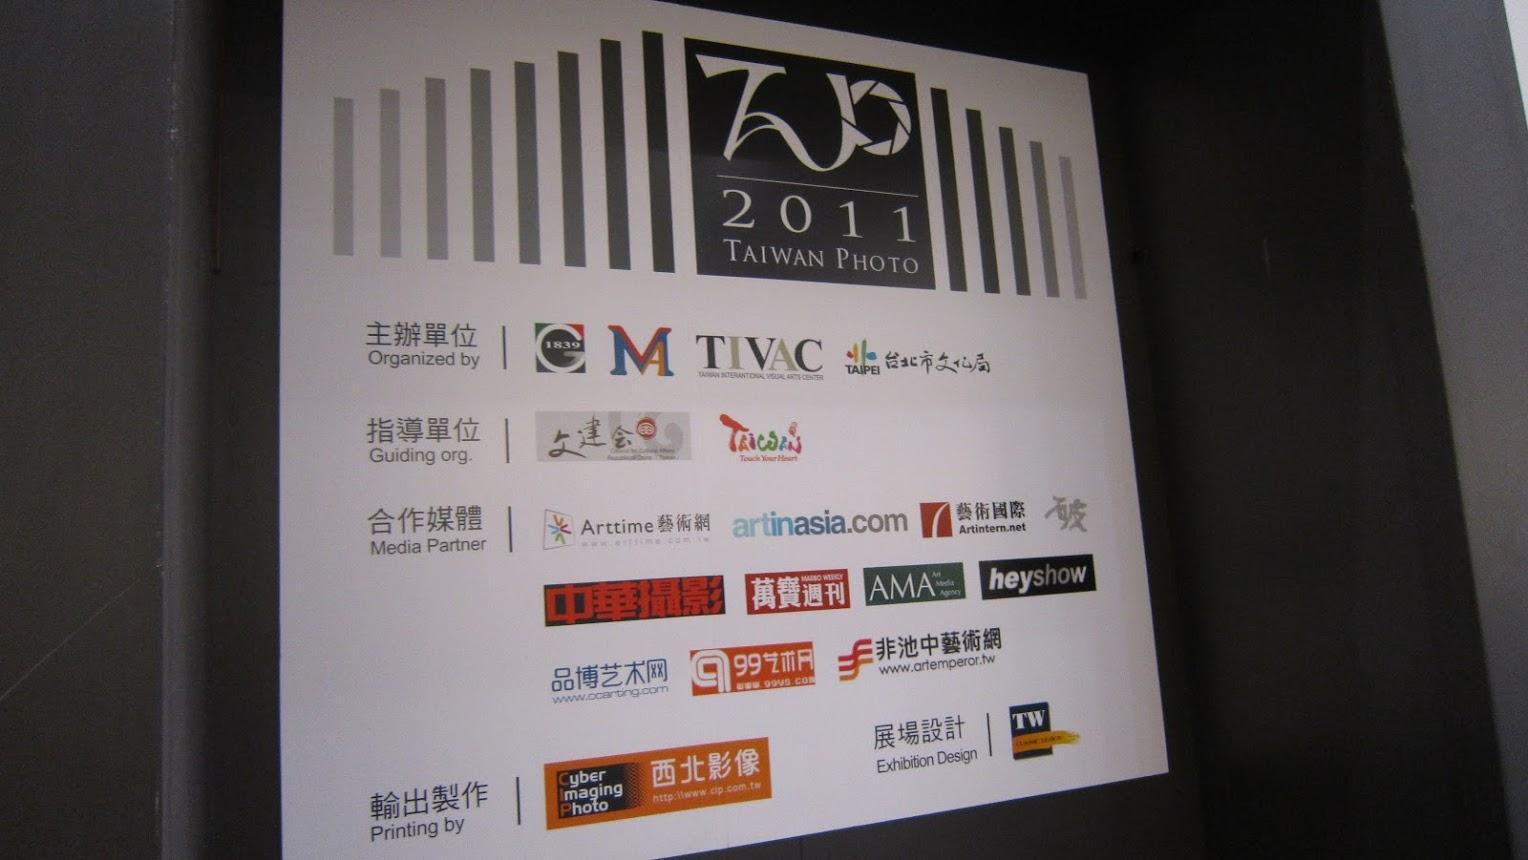 贊助1839藝廊邱老師舉辦的Taiwan Photo大展